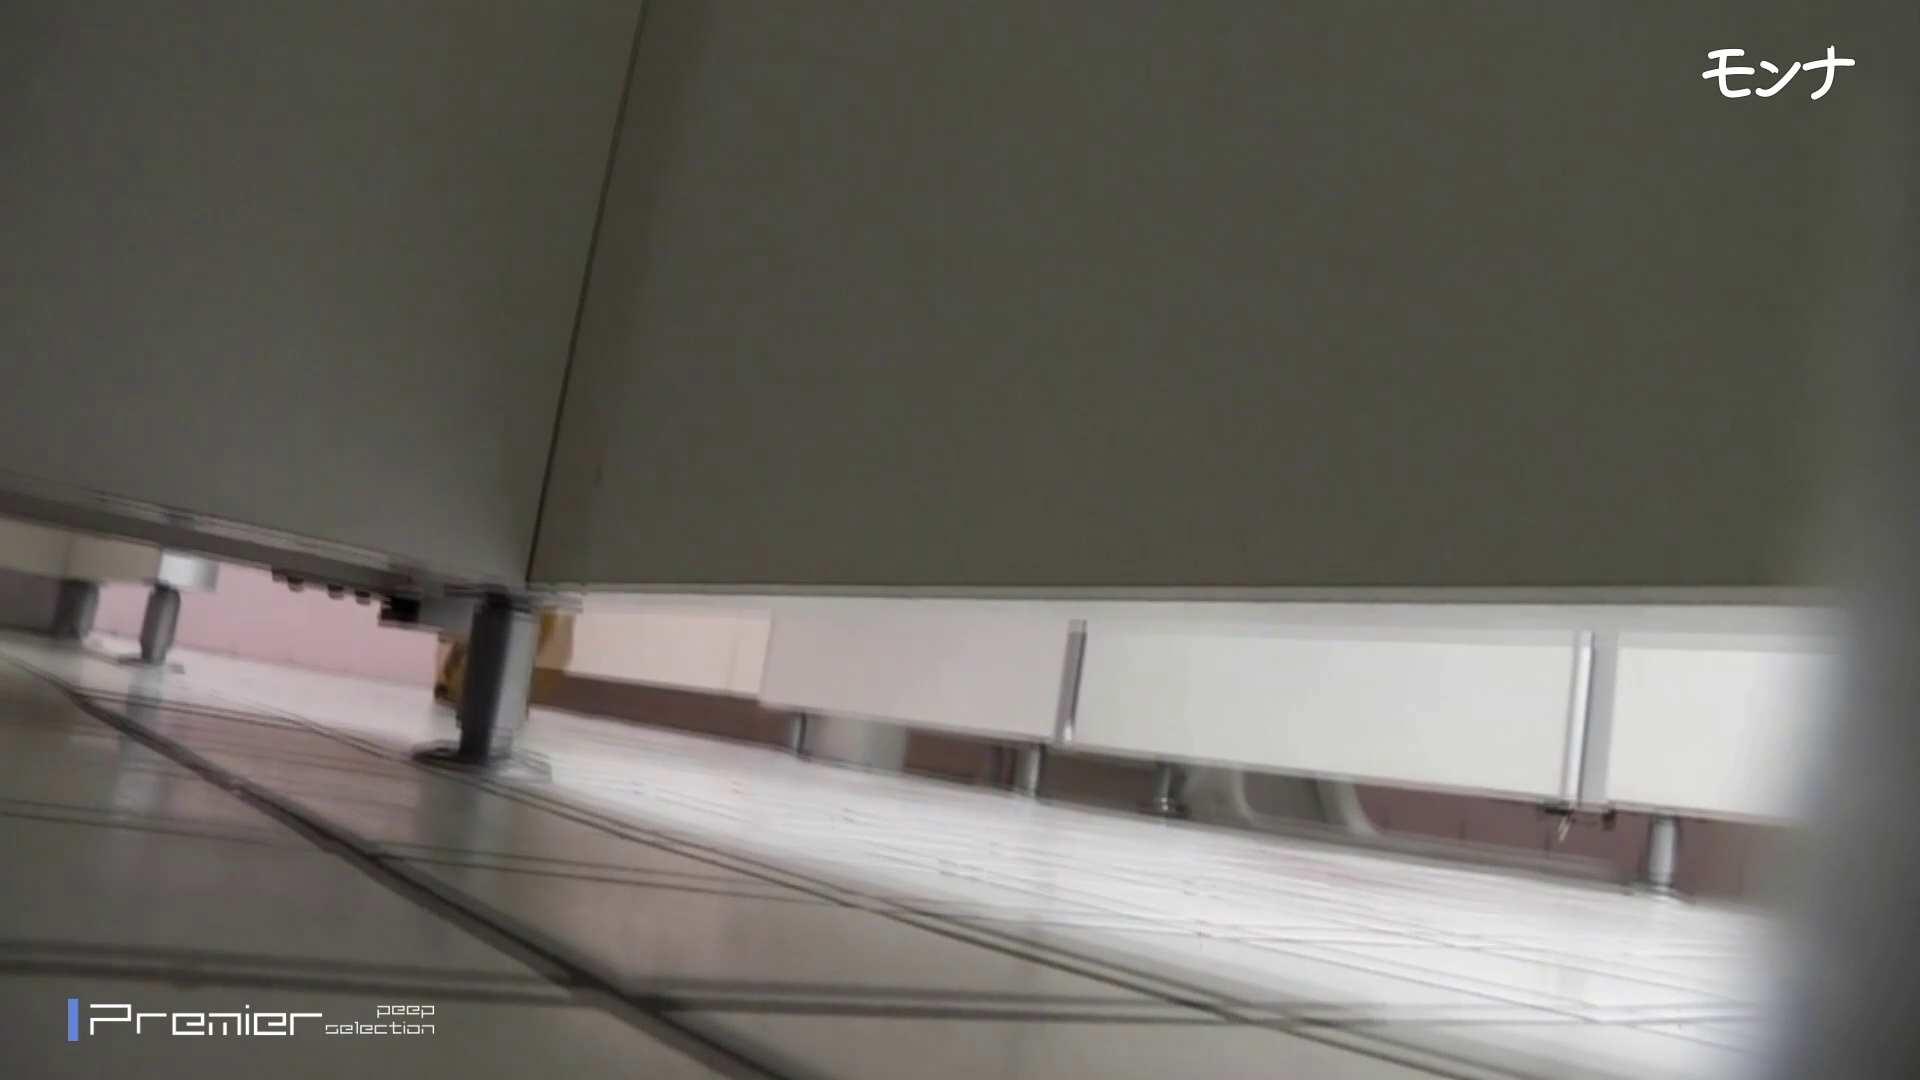 美しい日本の未来 No.69 ひやっと!終始15cmのしらすを垂らしながら・・・ おまんこ無修正 オマンコ無修正動画無料 72pic 13